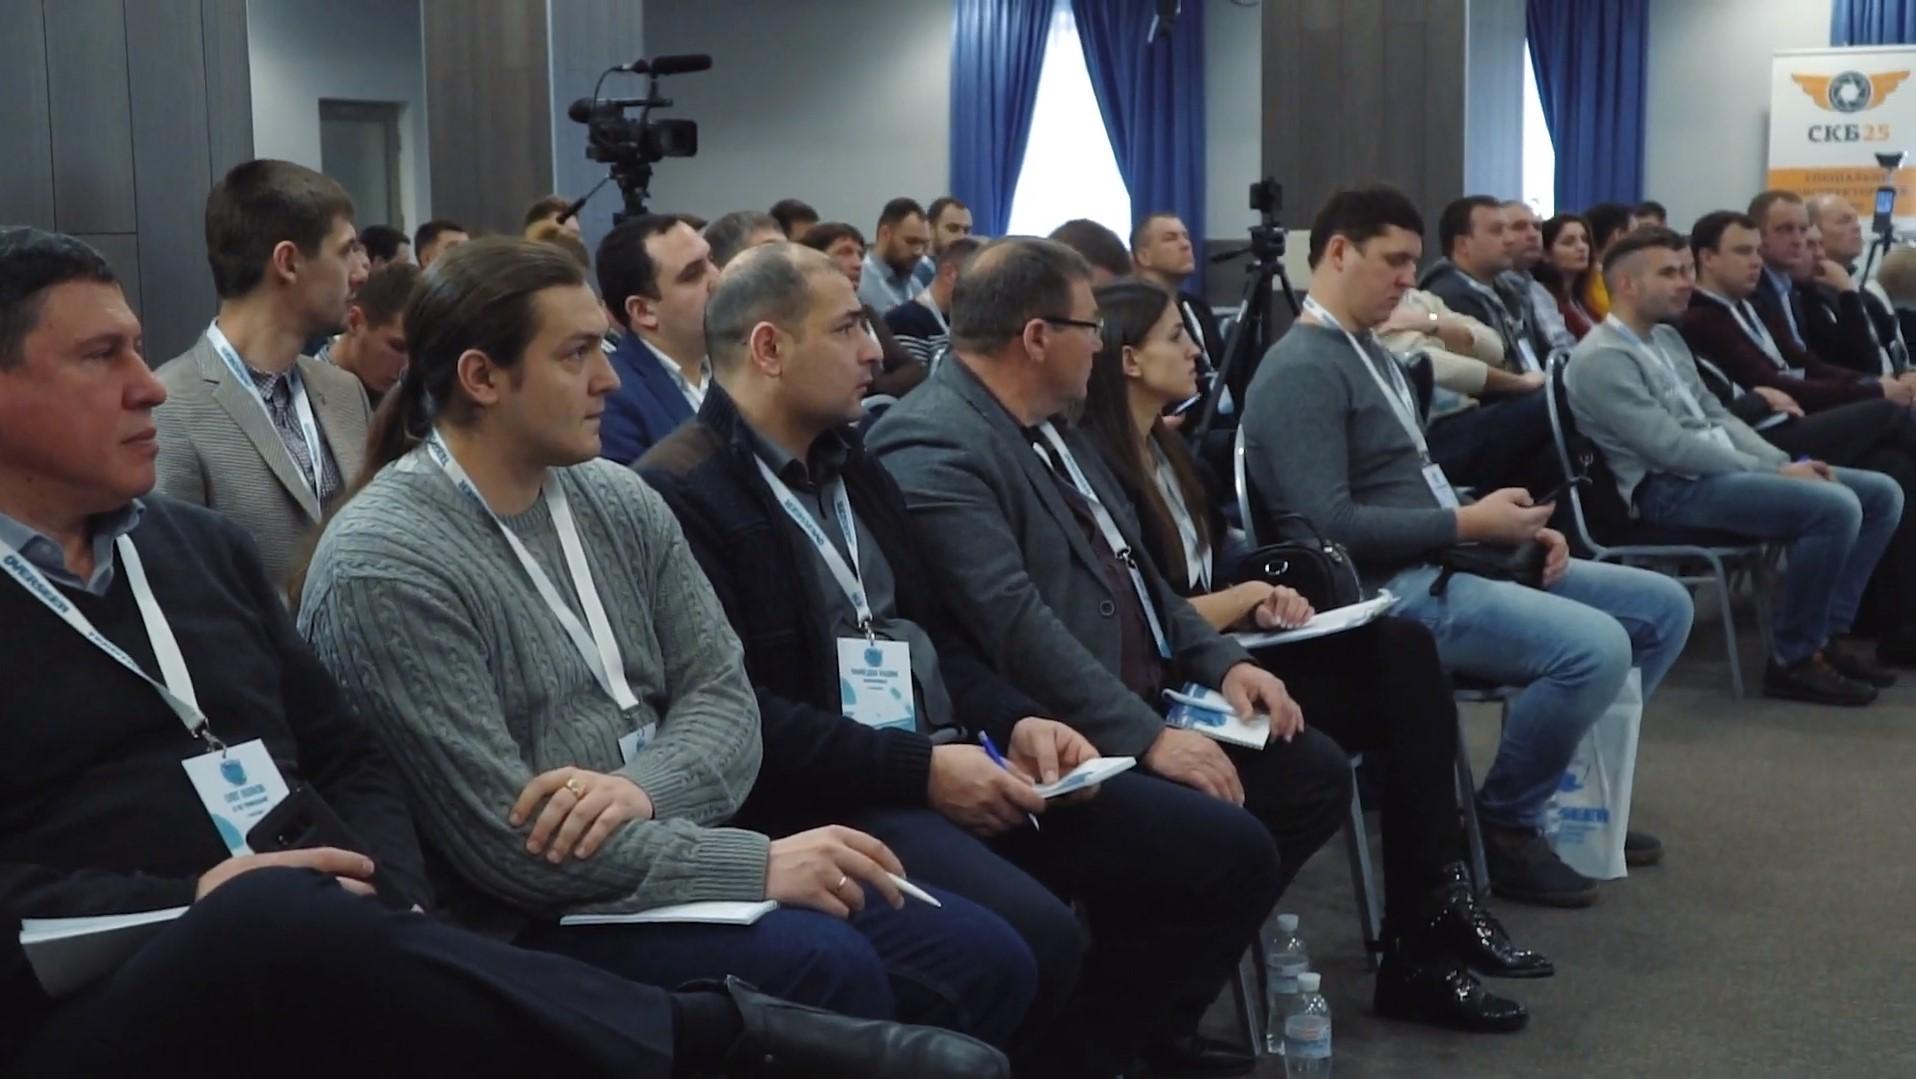 Фото Видеосъемка конференции, мероприятия 4